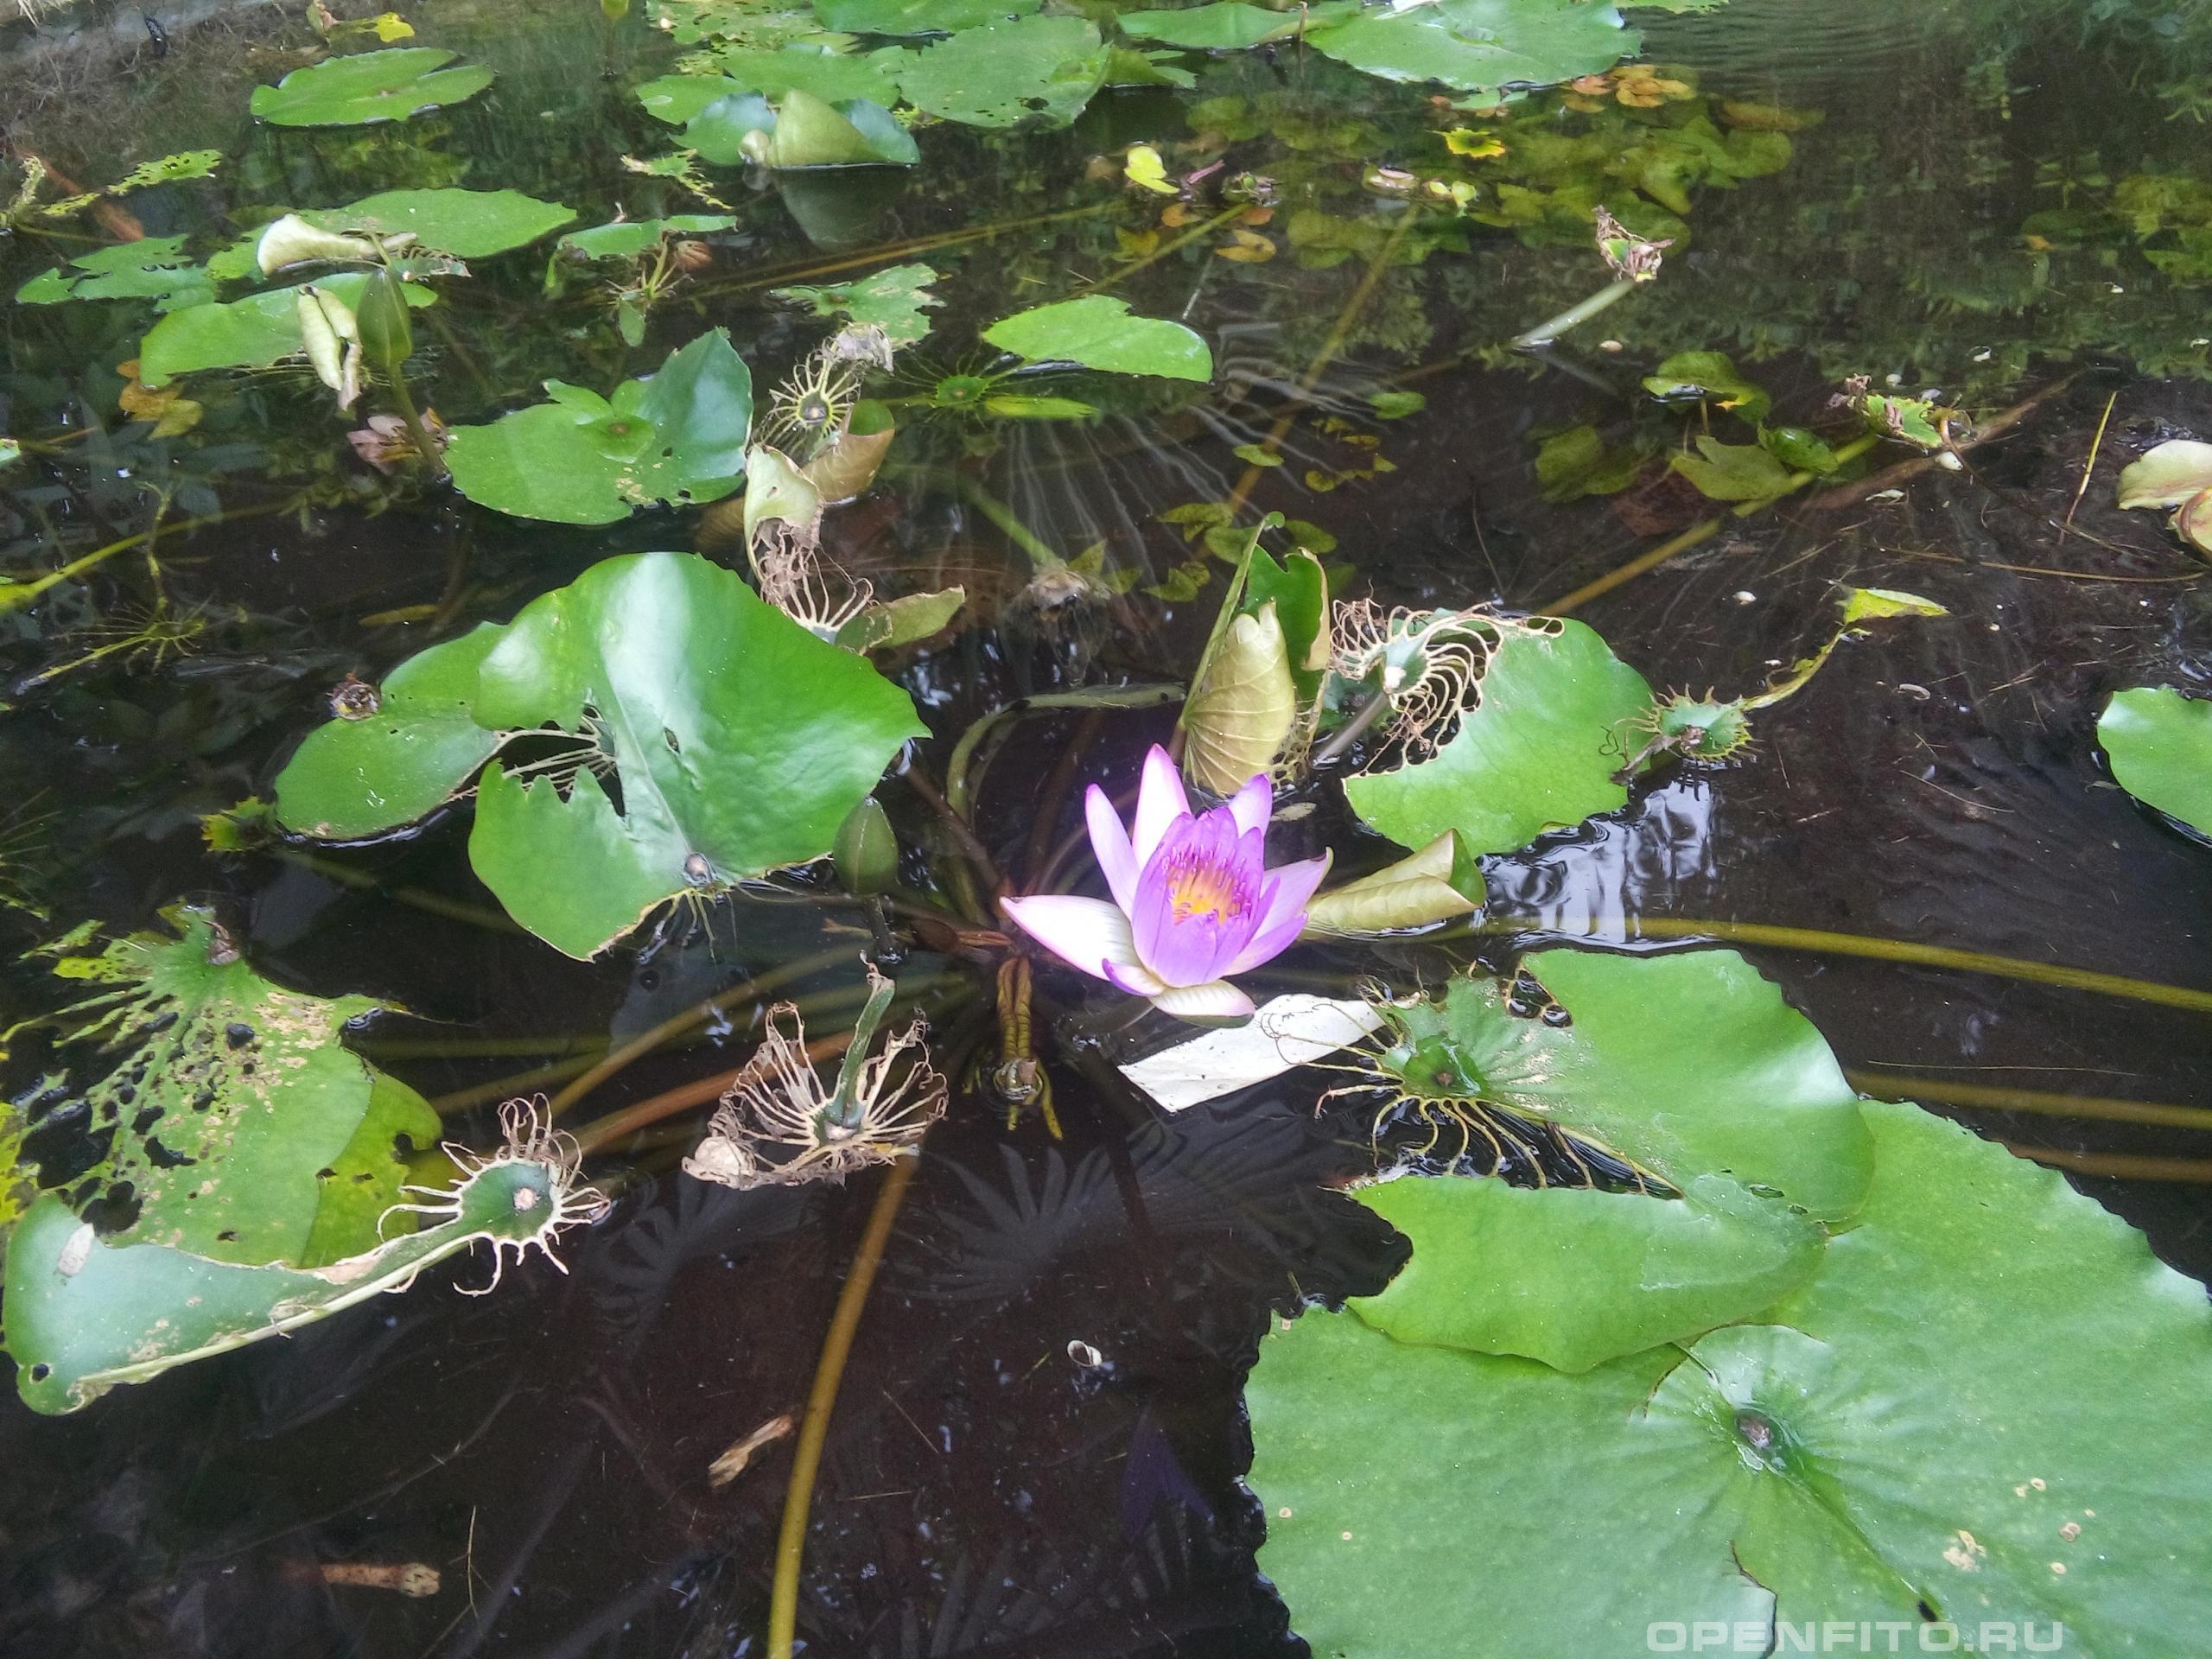 Кувшинка голубая <p>снимок сделан во Вьетнамском ботаническом саду с названием